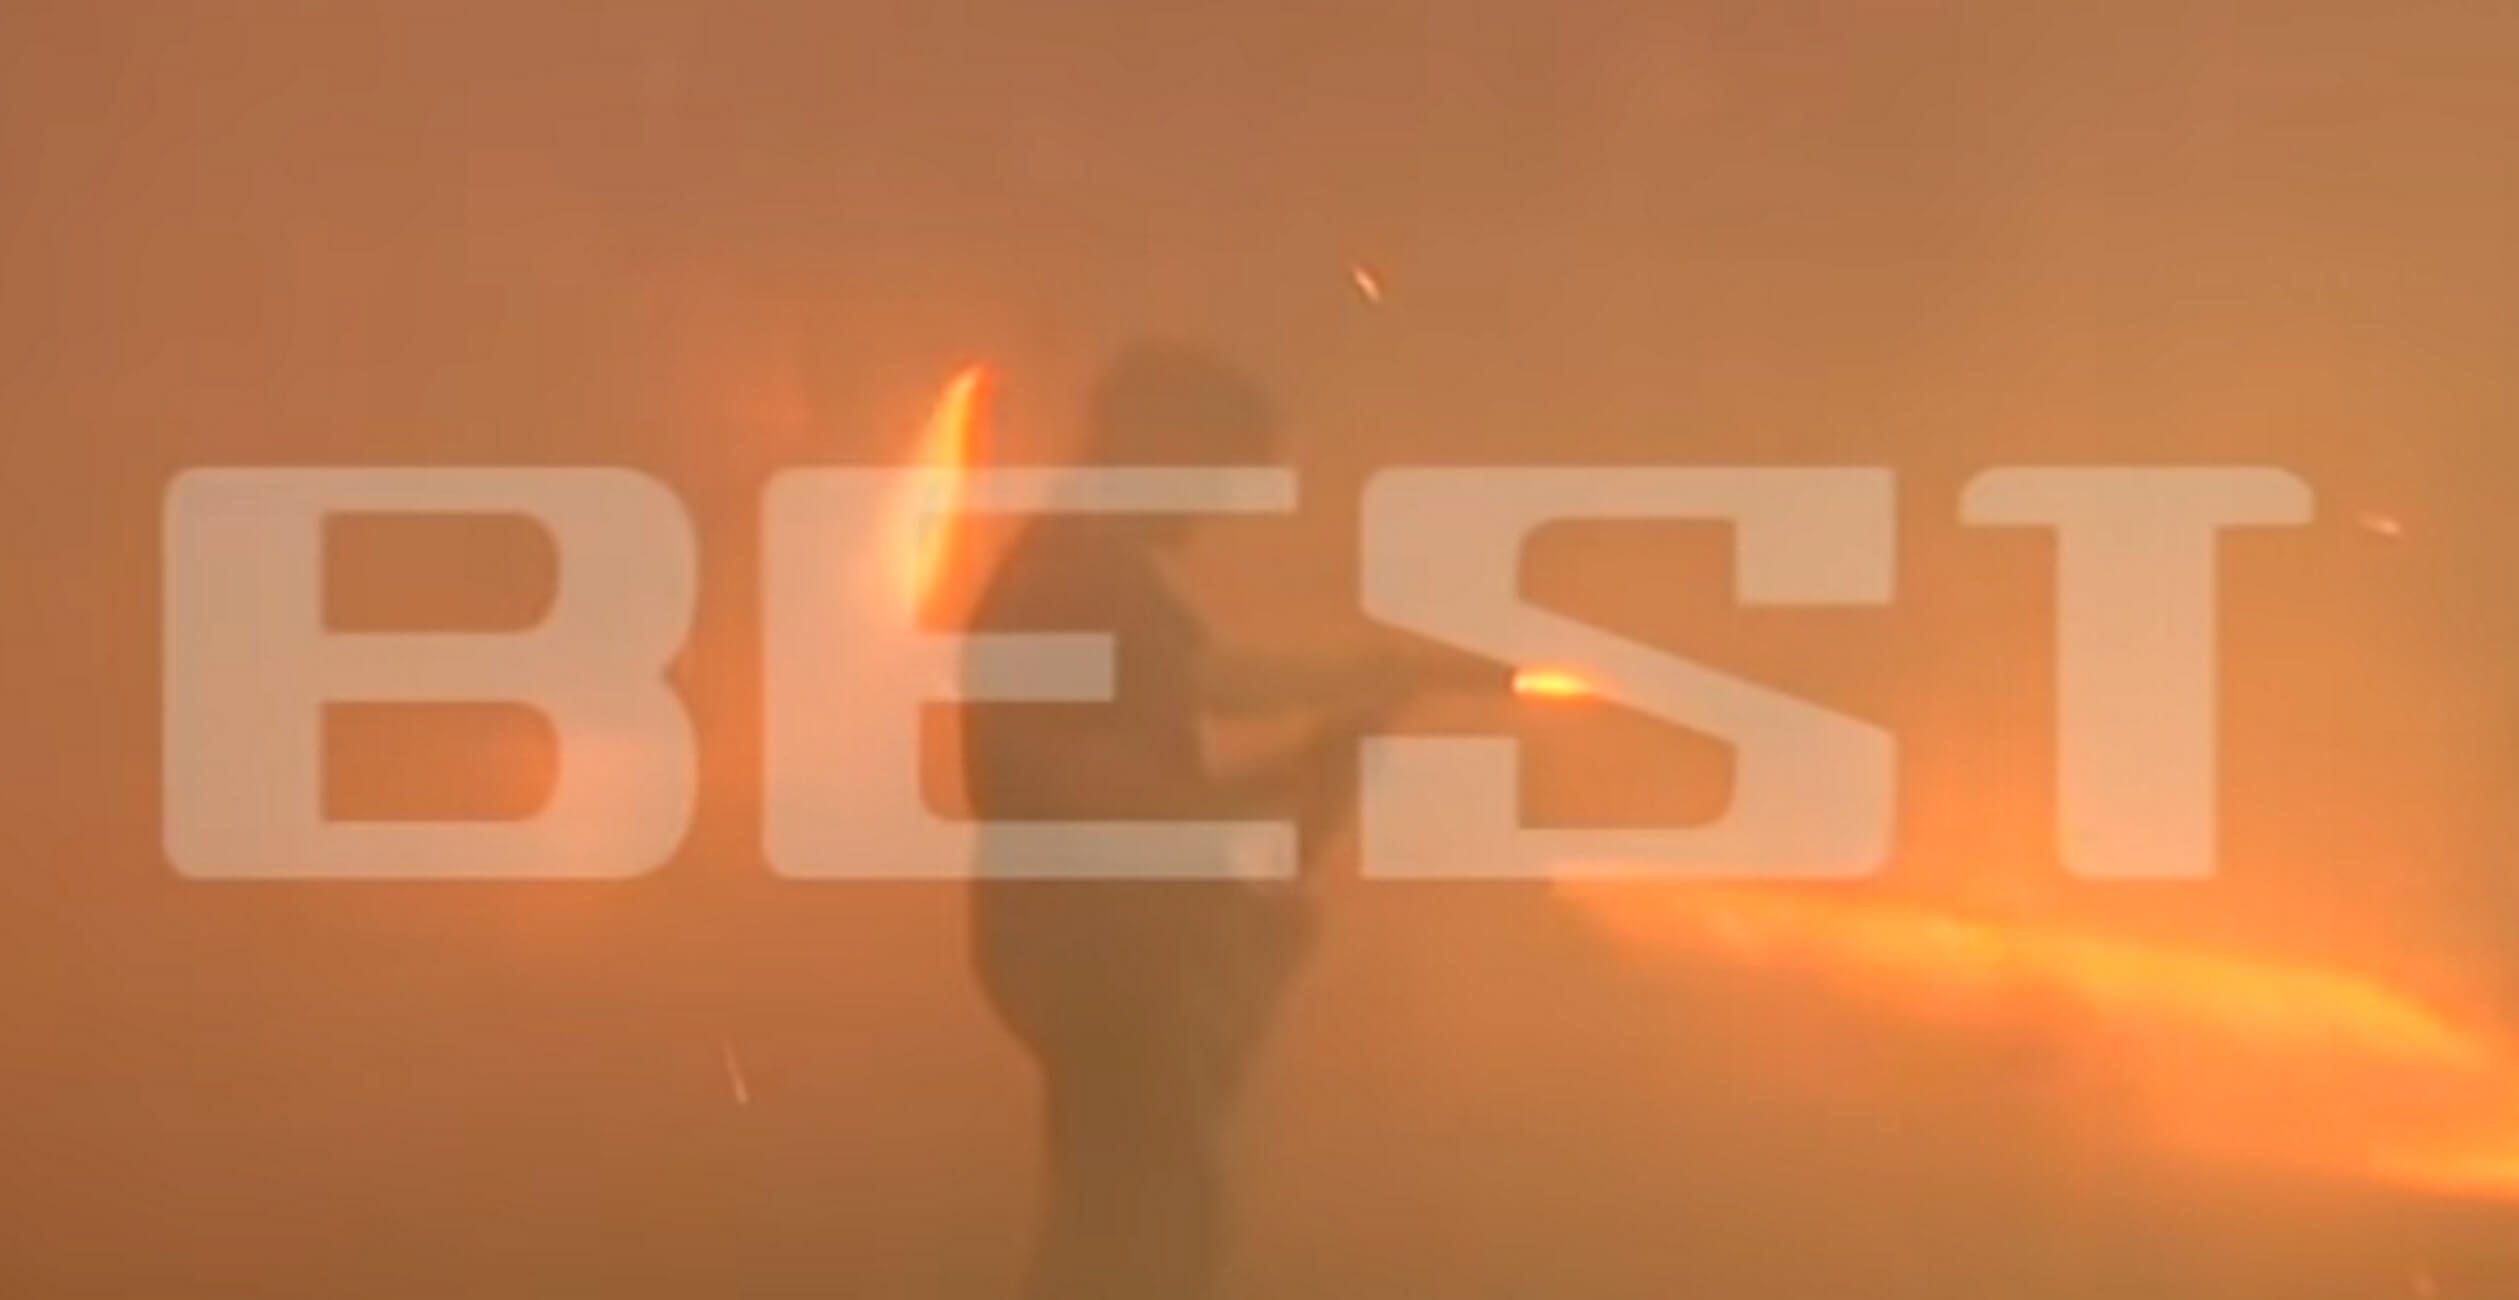 Καλαμάτα: Αυτή είναι η σαϊτα που φεύγει σαν ρουκέτα και σκοτώνει τον Κώστα Θεοδωρακάκη – Νέο βίντεο ντοκουμέντο!